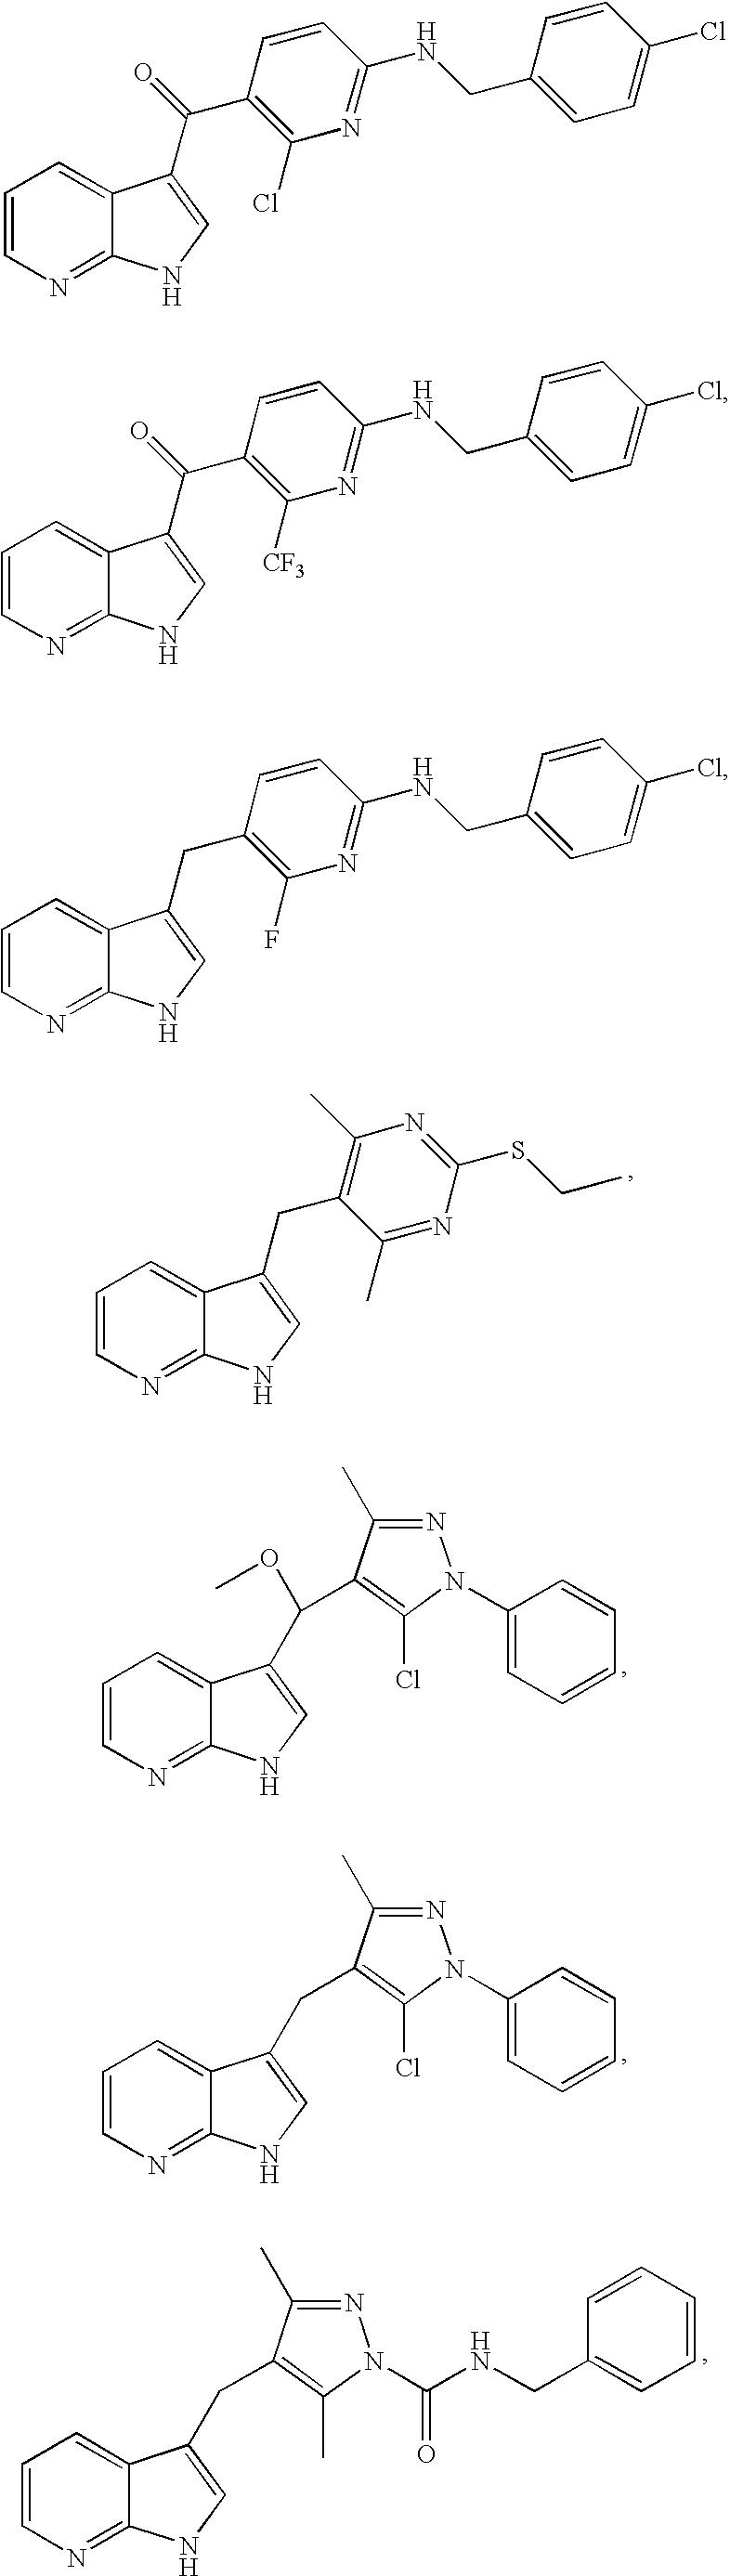 Figure US07893075-20110222-C00016